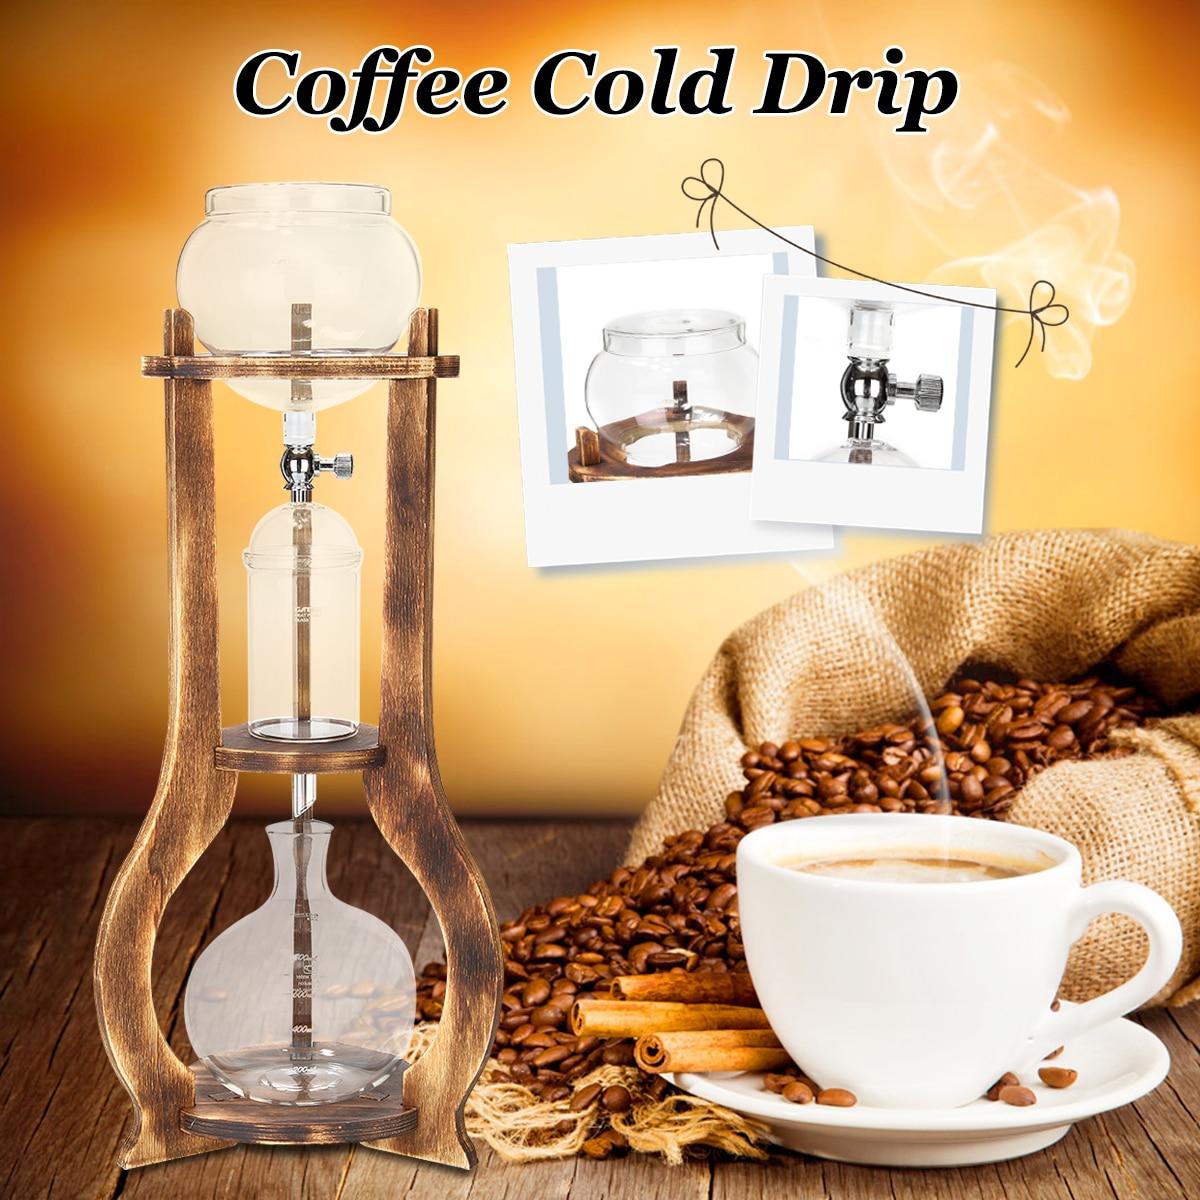 Nouveau Café Froid Goutte À Goutte Bouteille 600 ml Glace Froide Machine À Café Infusion Maison En Bois Café Filtre L'eau Néerlandais Brassée Machine